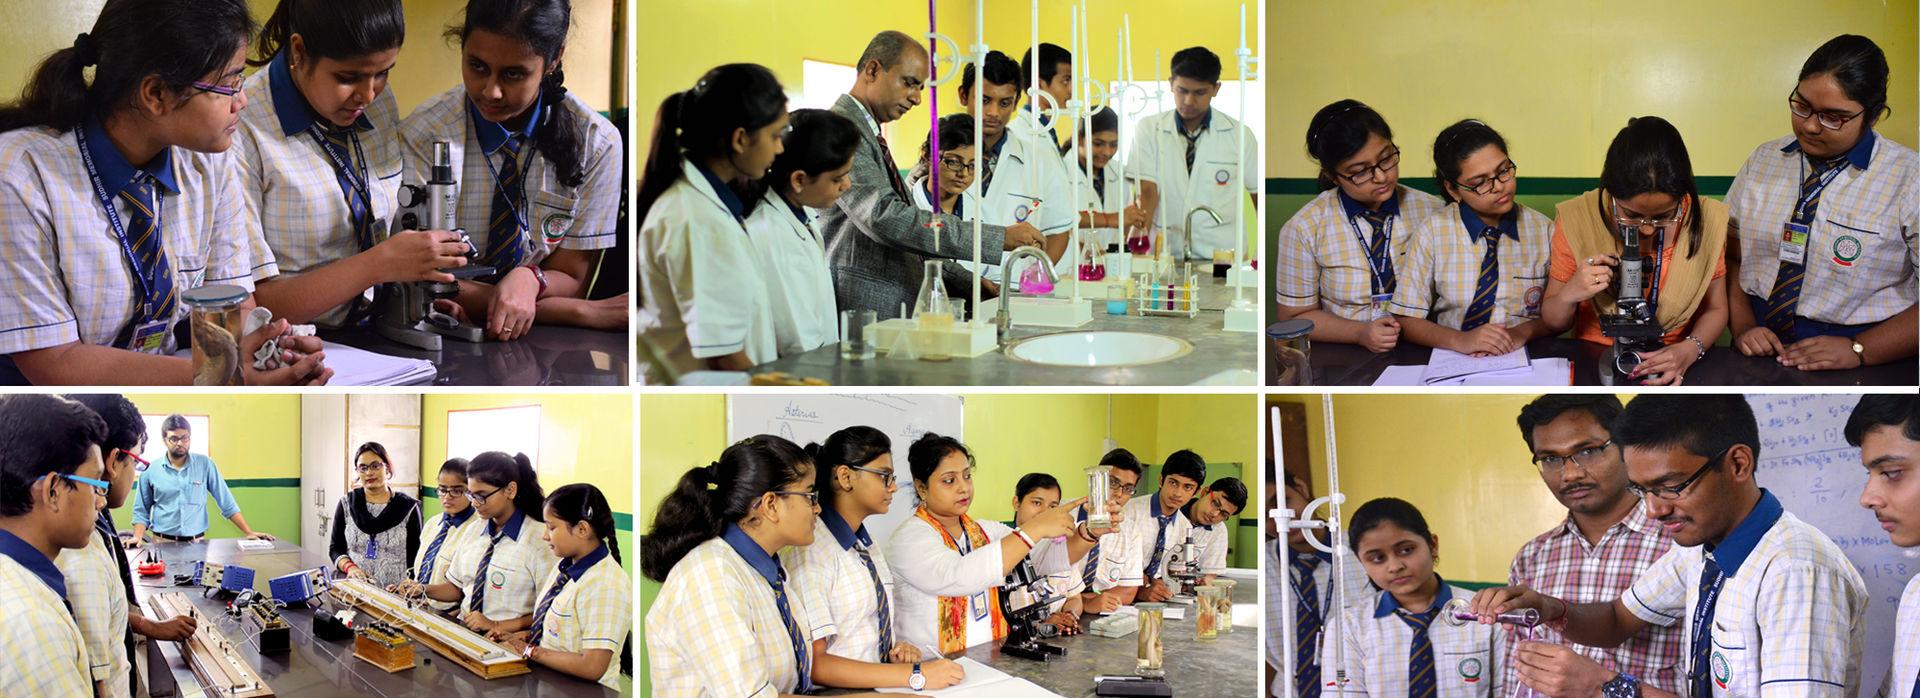 Sudhir Memorial Institute Liluah | CBSE school in Howrah | Laboratory